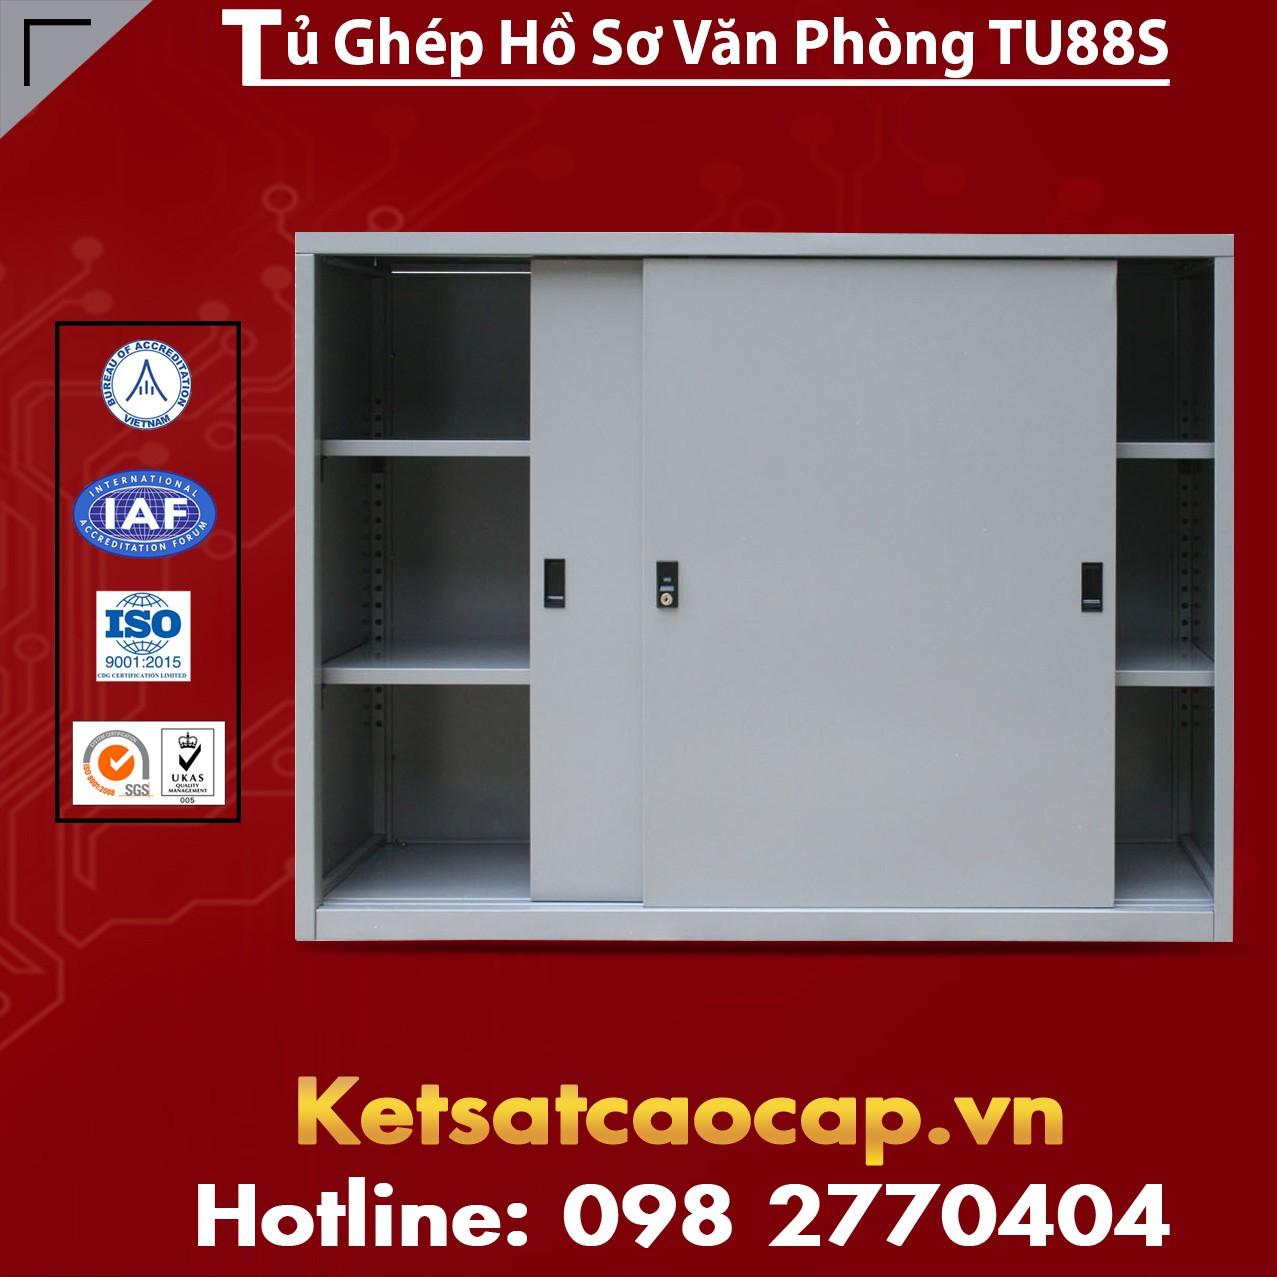 Tủ Ghép Hồ Sơ Văn Phòng TU88S